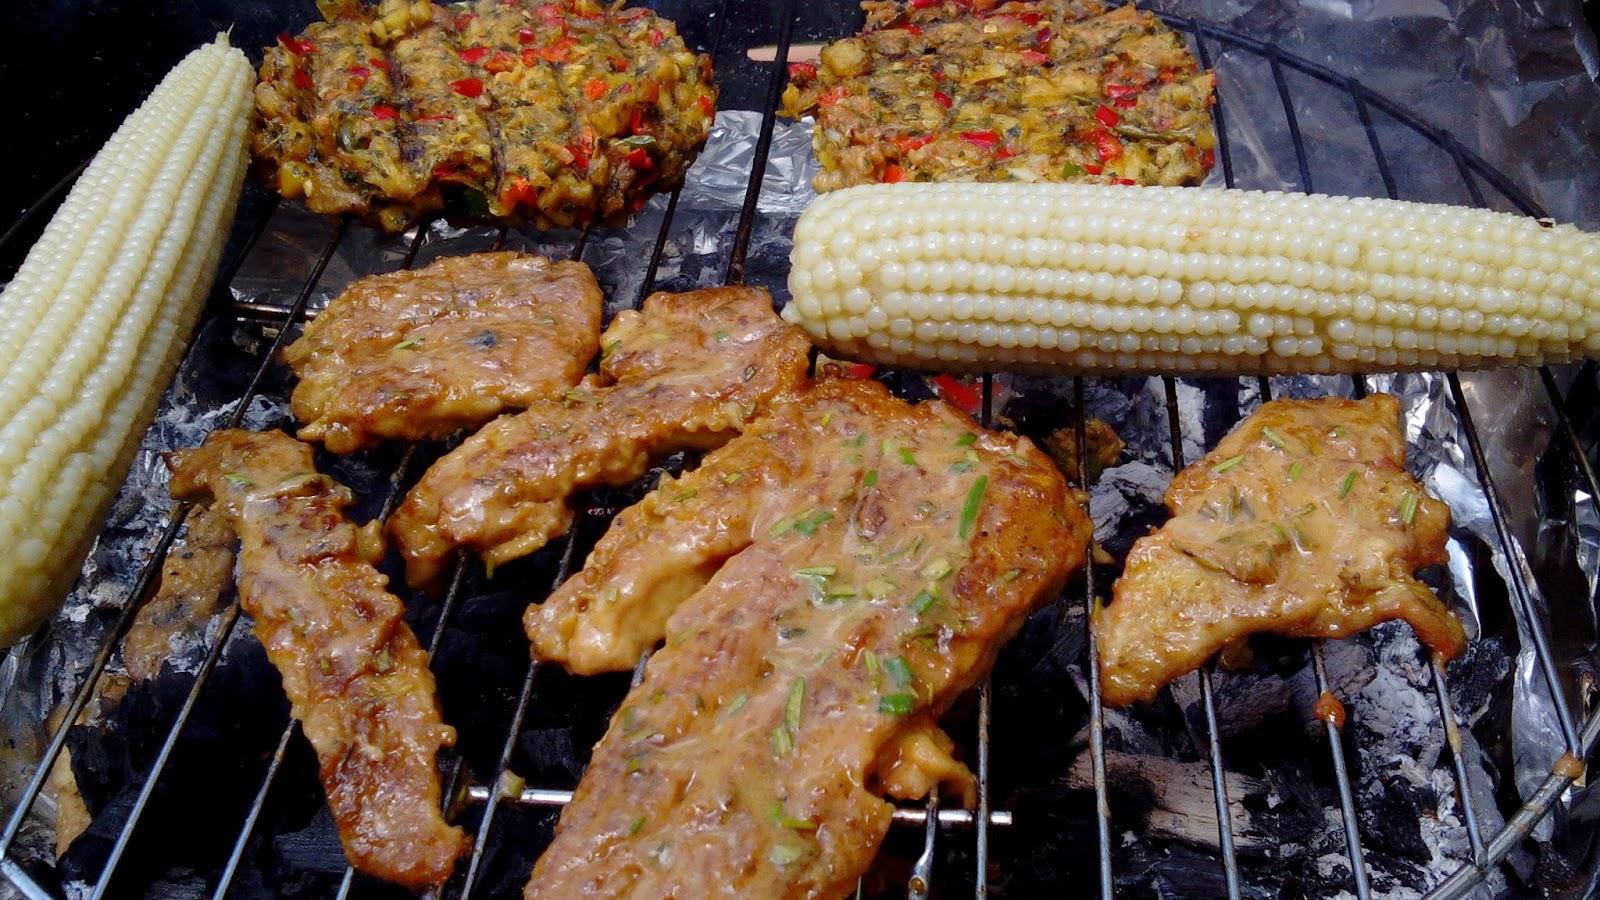 grigliata vegan di seitan (meatout)